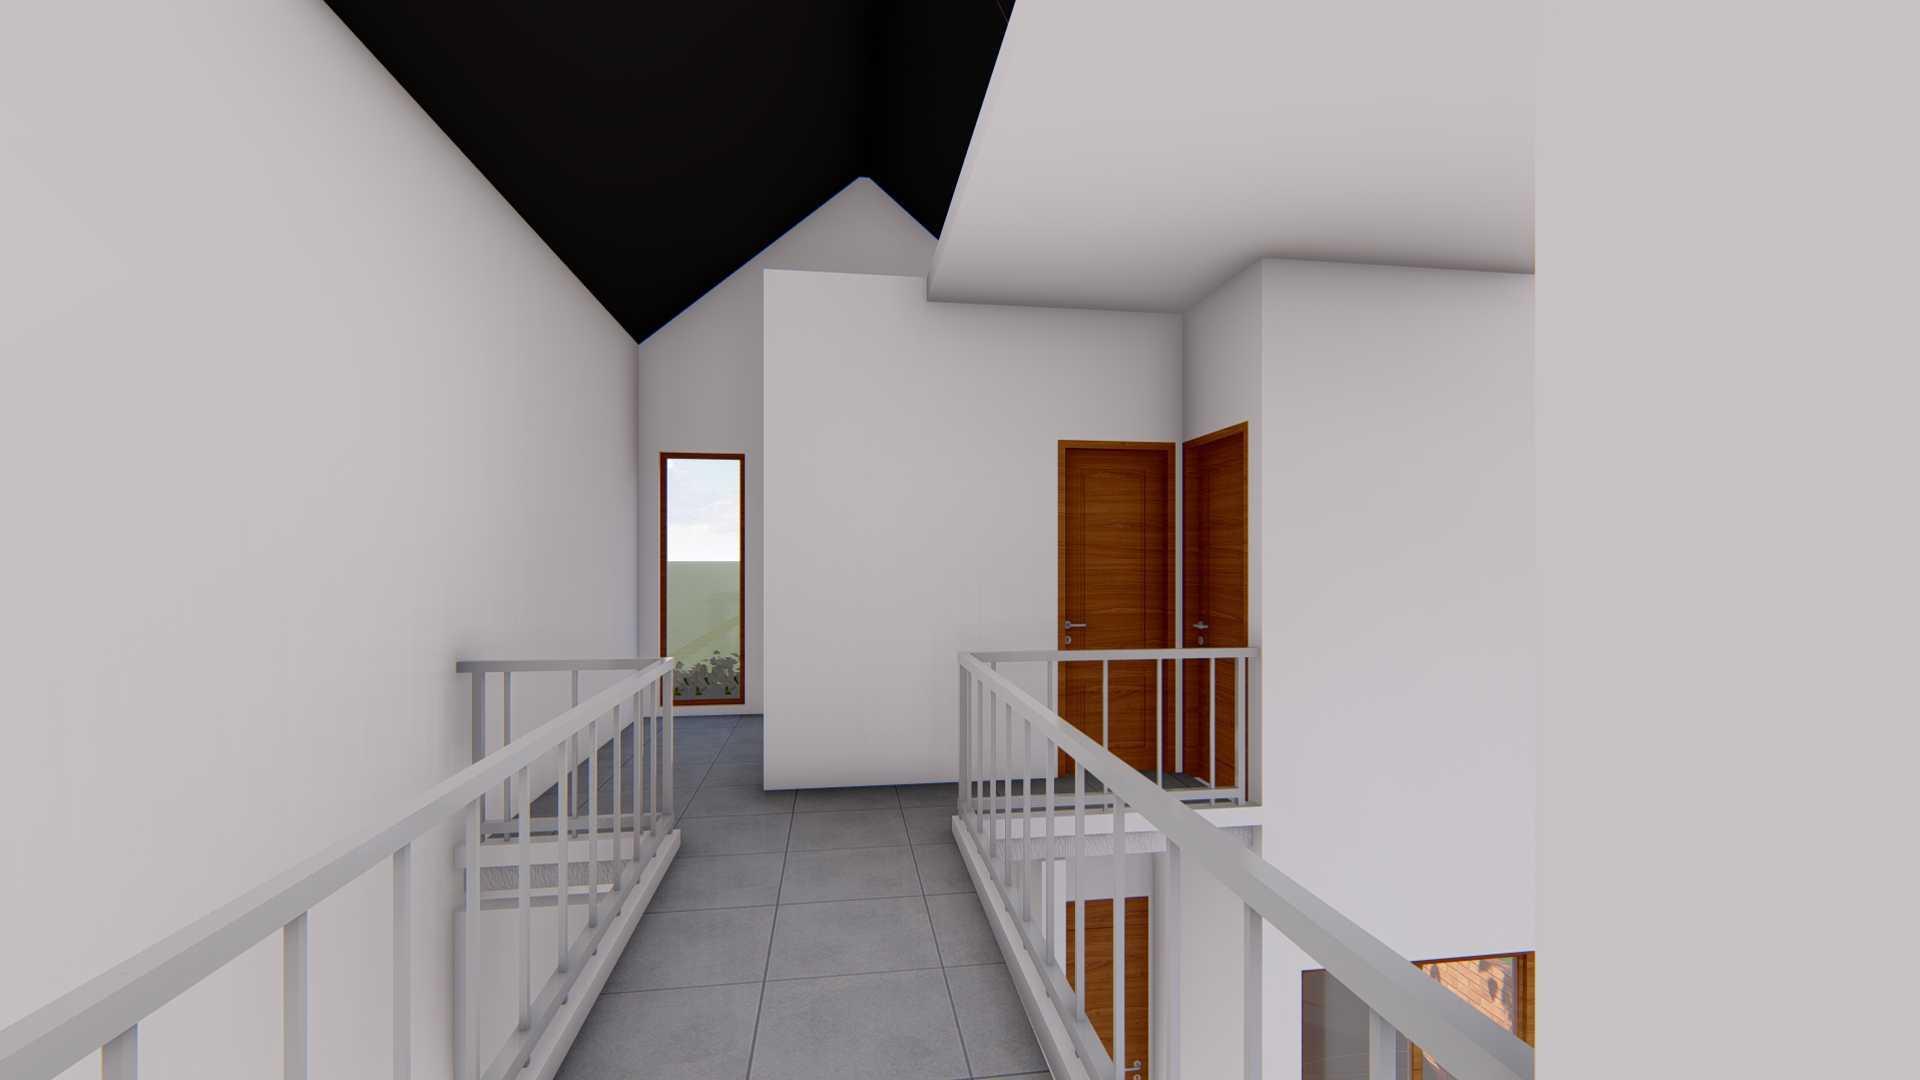 Astabumi Studio Sm House Pemalang Pemalang, Kec. Pemalang, Kabupaten Pemalang, Jawa Tengah, Indonesia Surabaya Cv-Astabumi-Manunggal-Prakarsa-Sm-House-Pemalang   119282